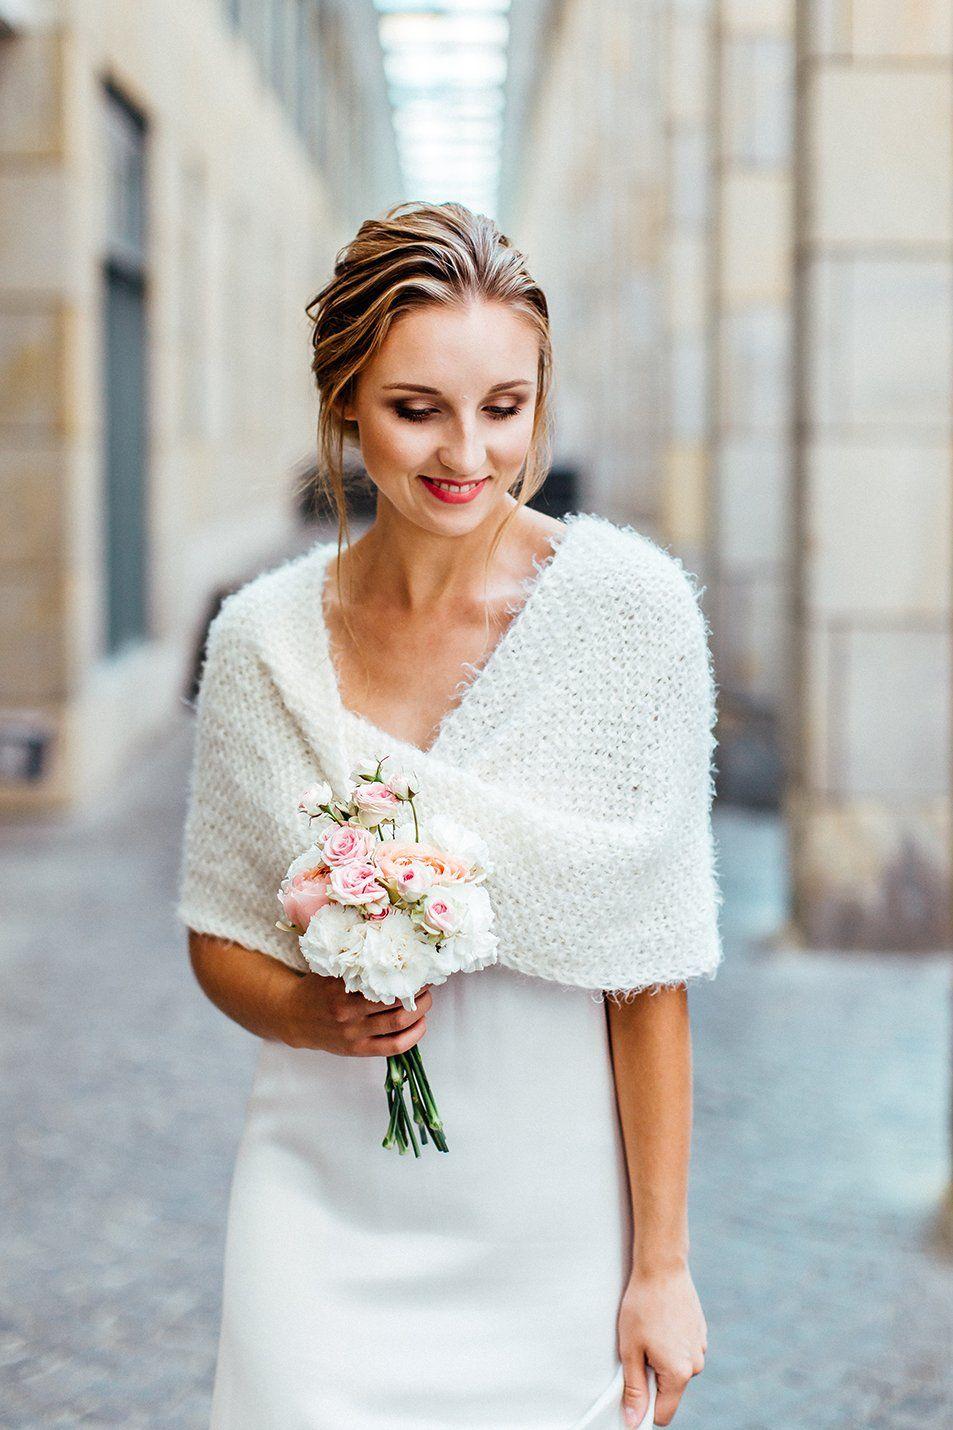 Moderner, Schulterwärmer für die Braut - FRIEDA THERÉS